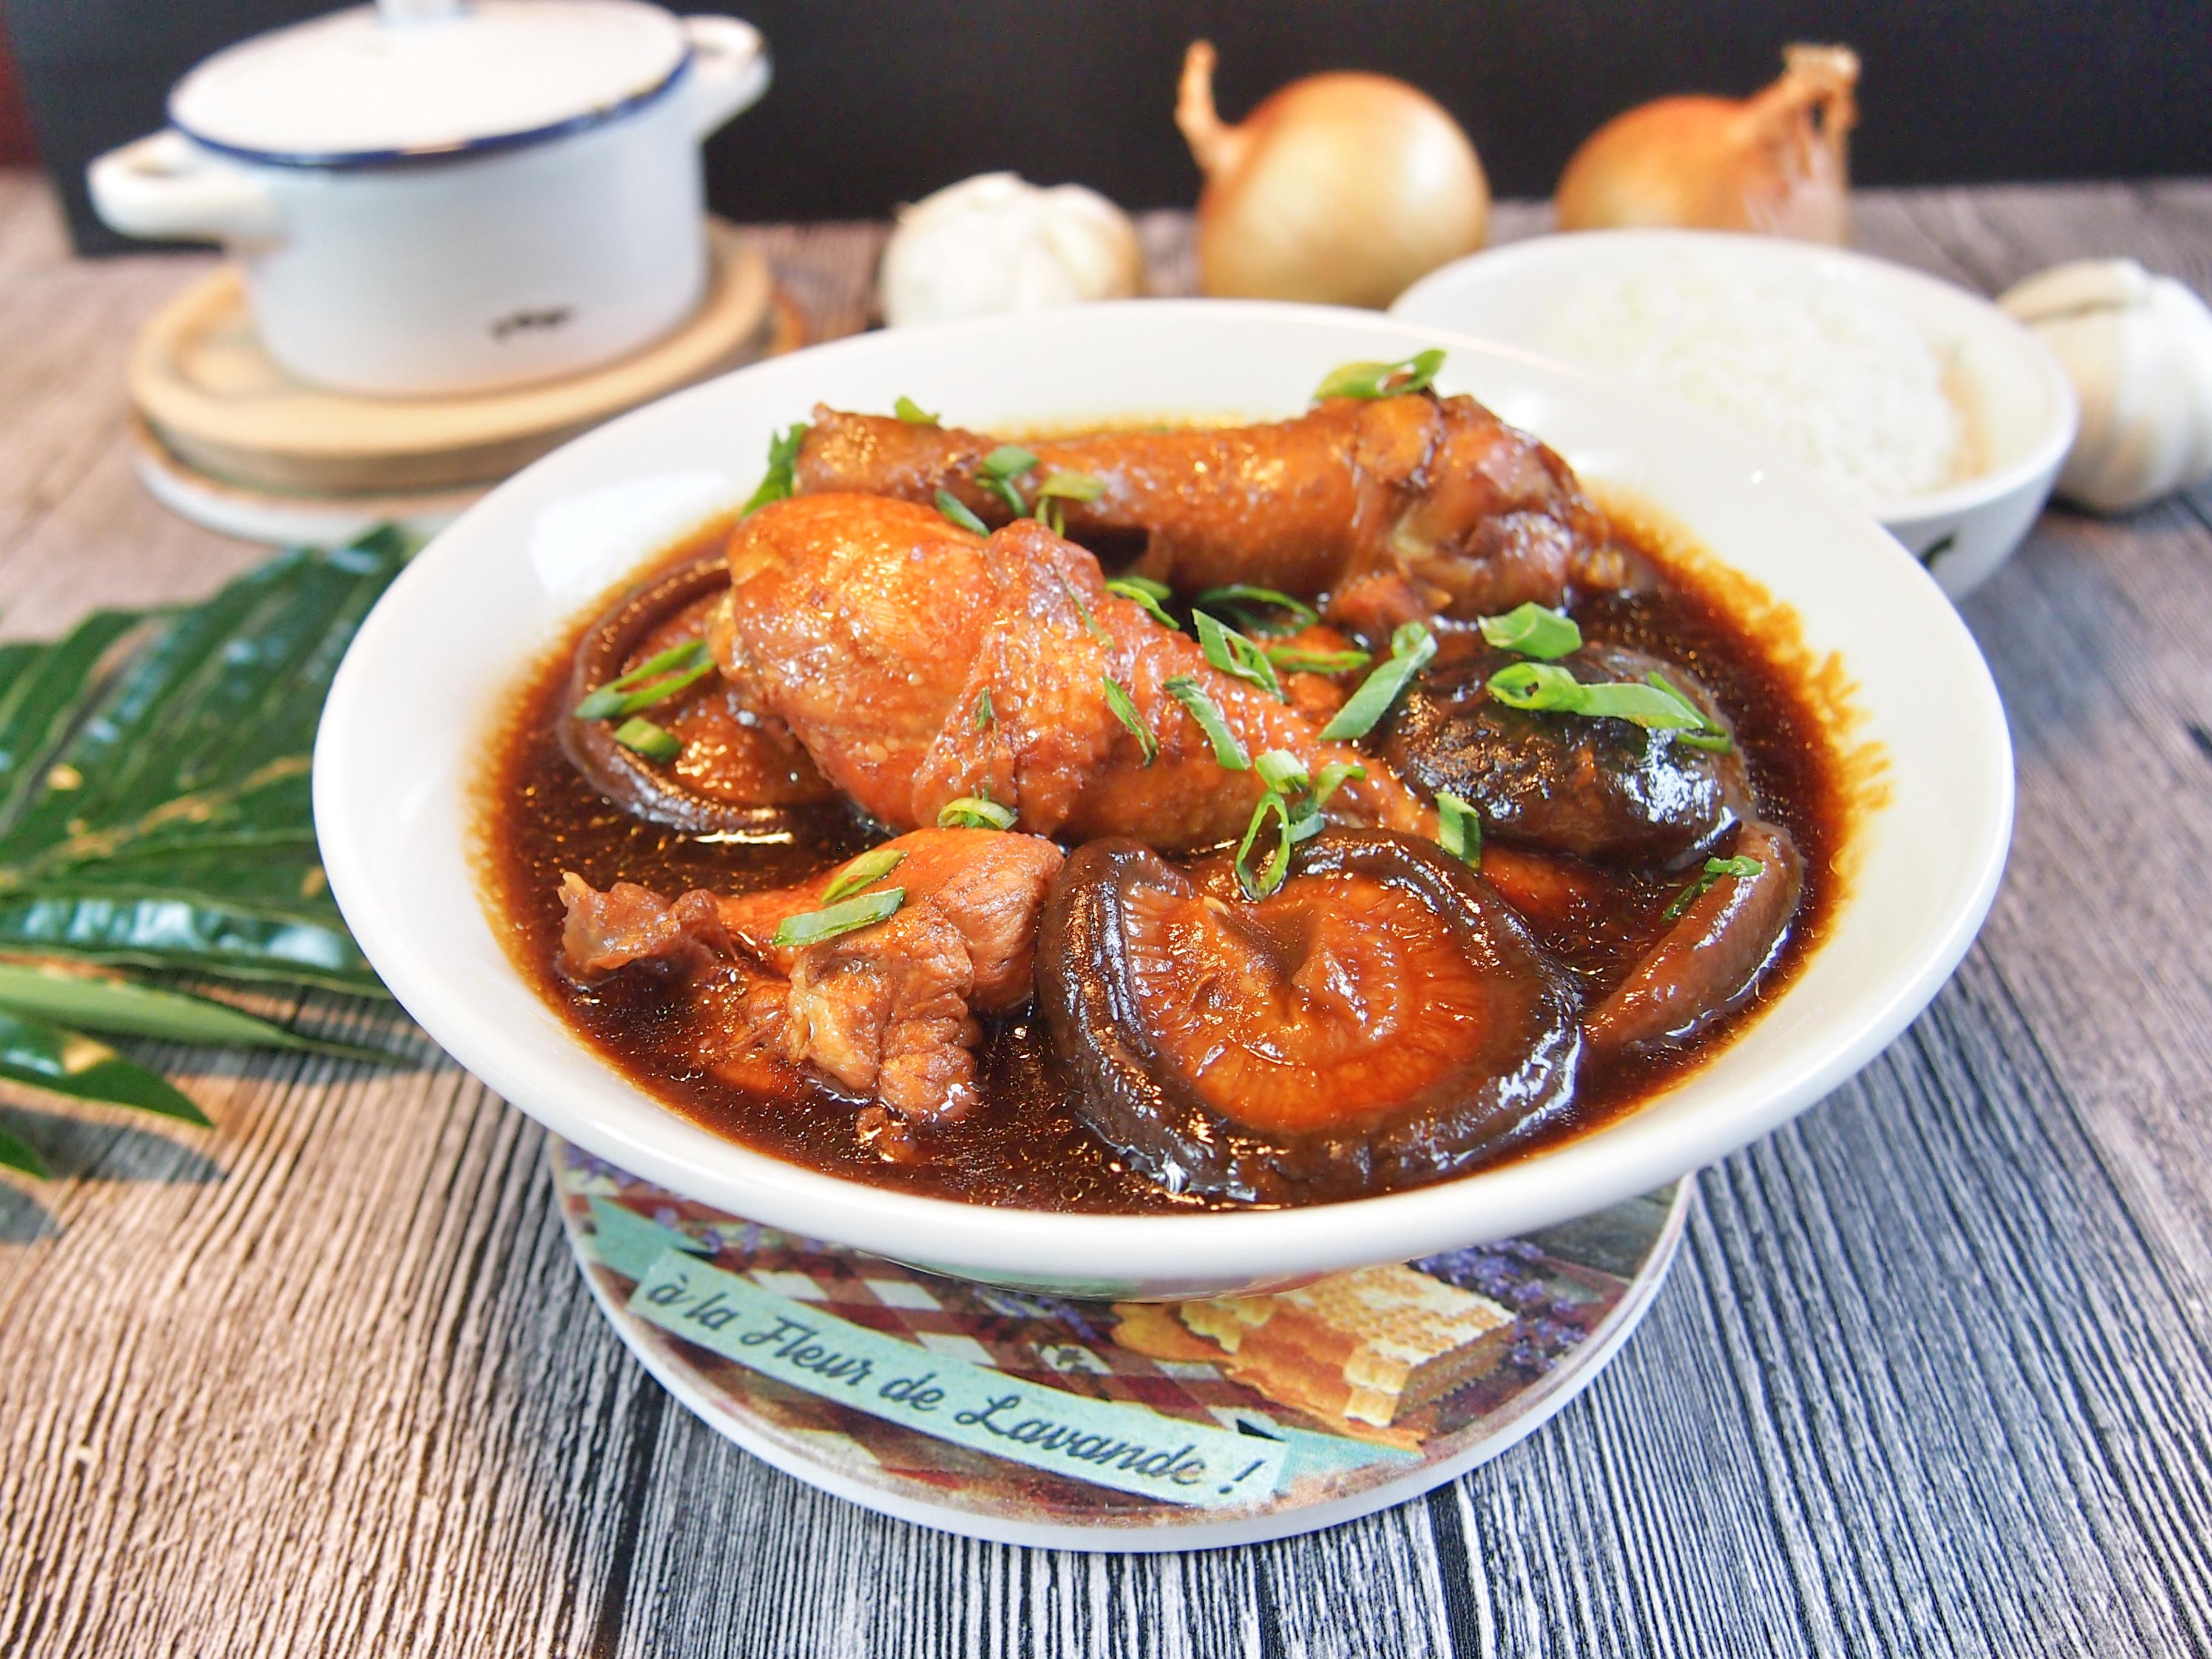 SUPER EASY Braised Chicken w/ Mushrooms 蘑菇红烧鸡